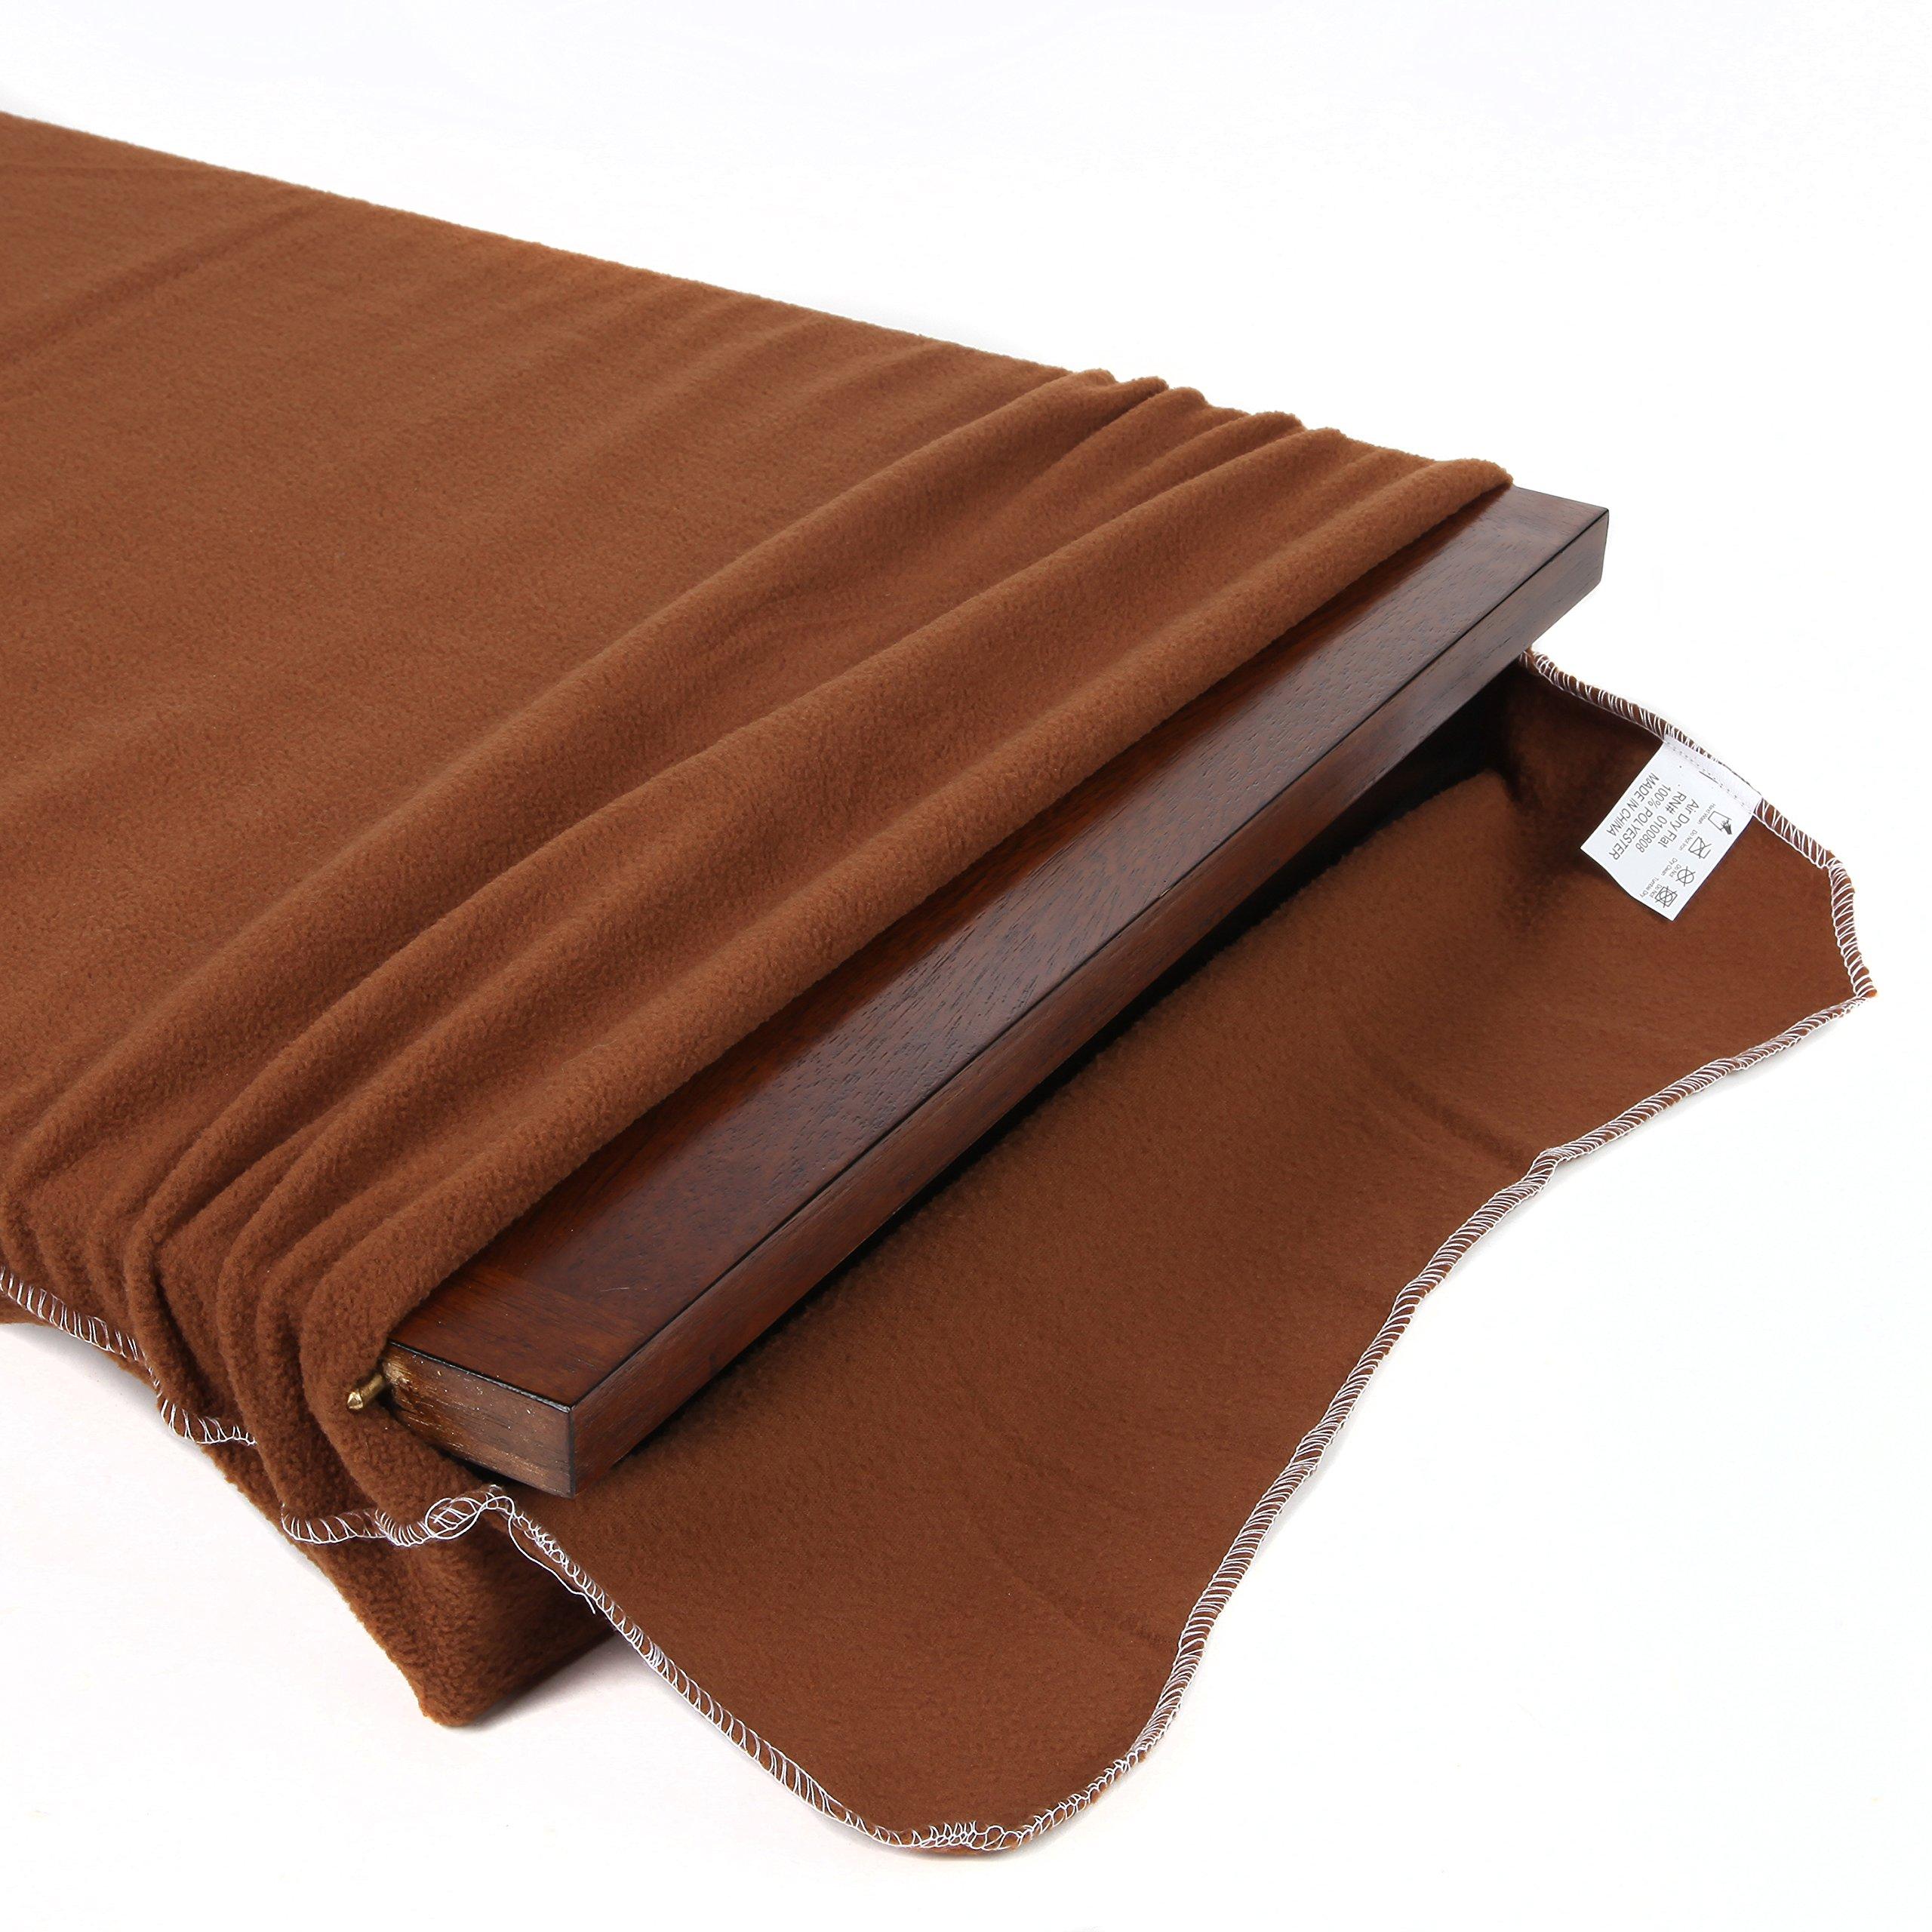 Soft Flannel Table Leaf Storage Bag (42'' X 16'') by TRENTON